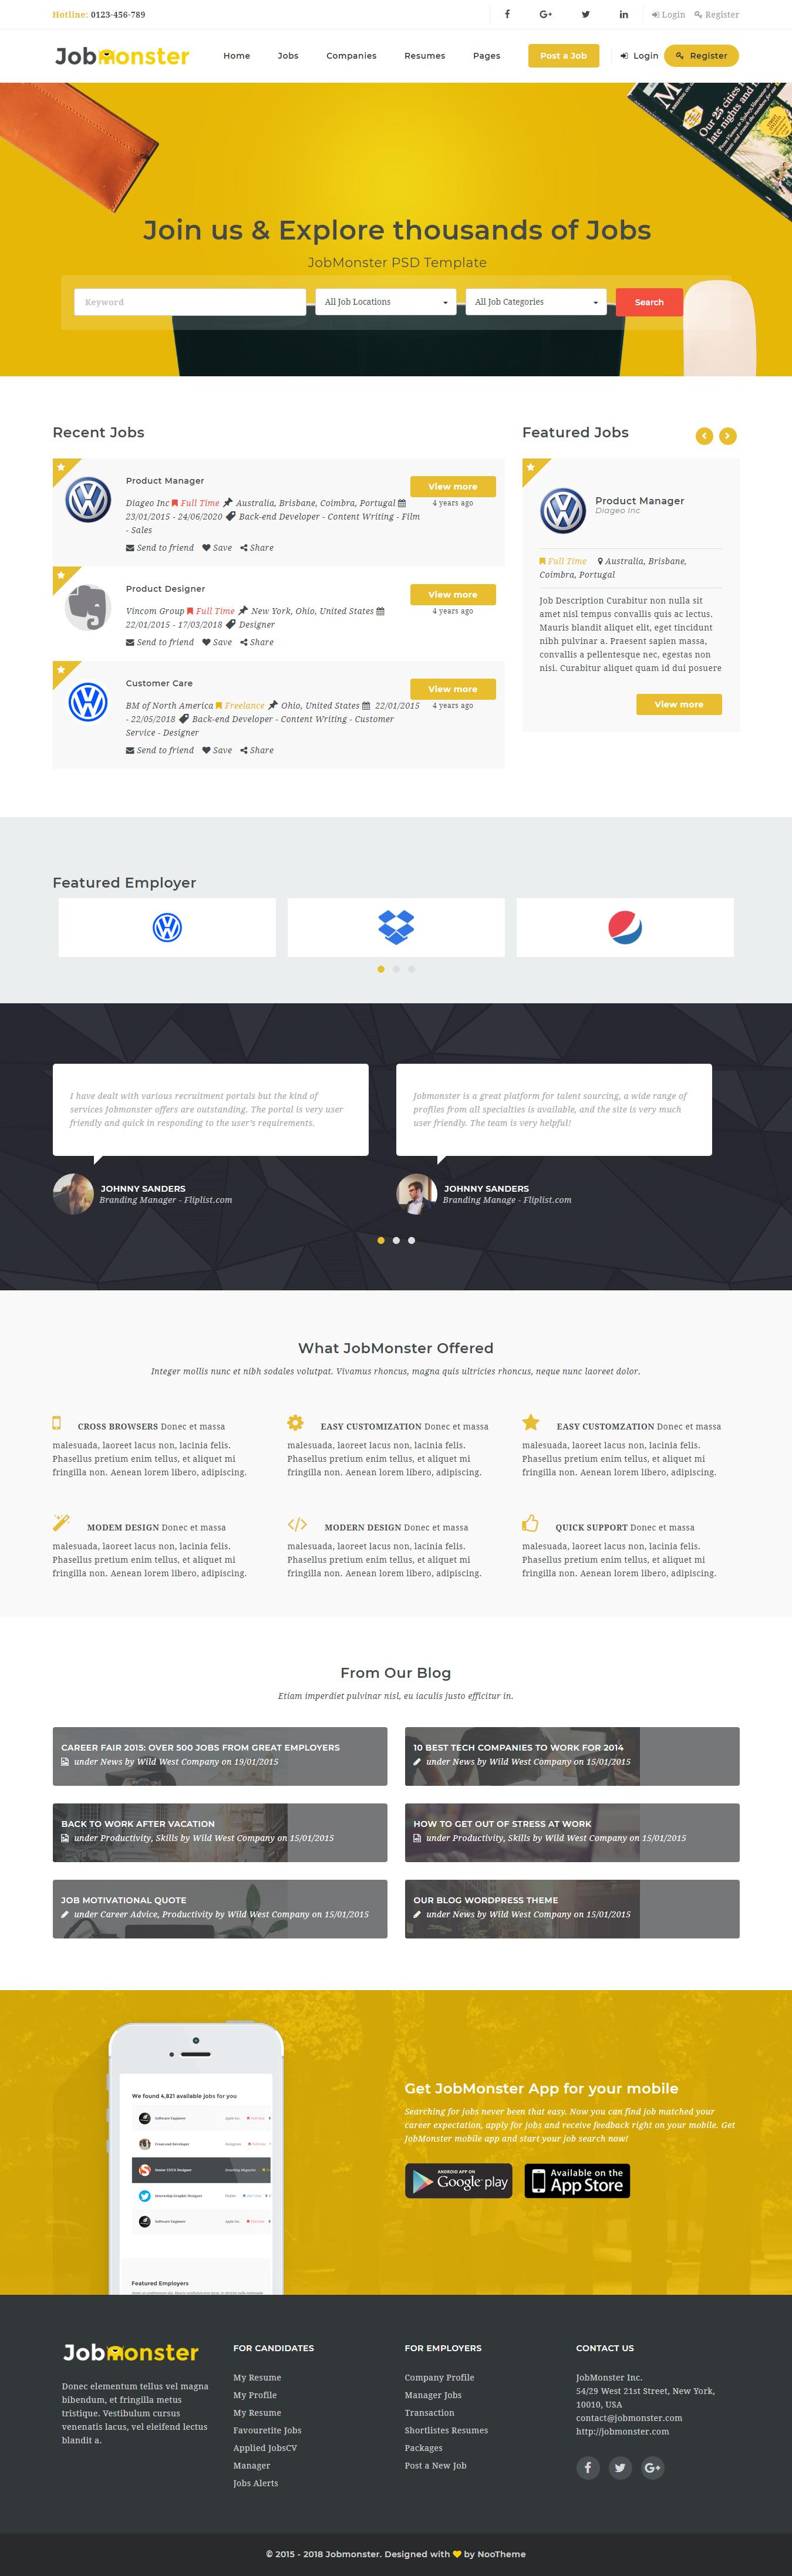 jobmonster best premium job board wordpress theme - 10+ Best Premium Job Board WordPress Themes